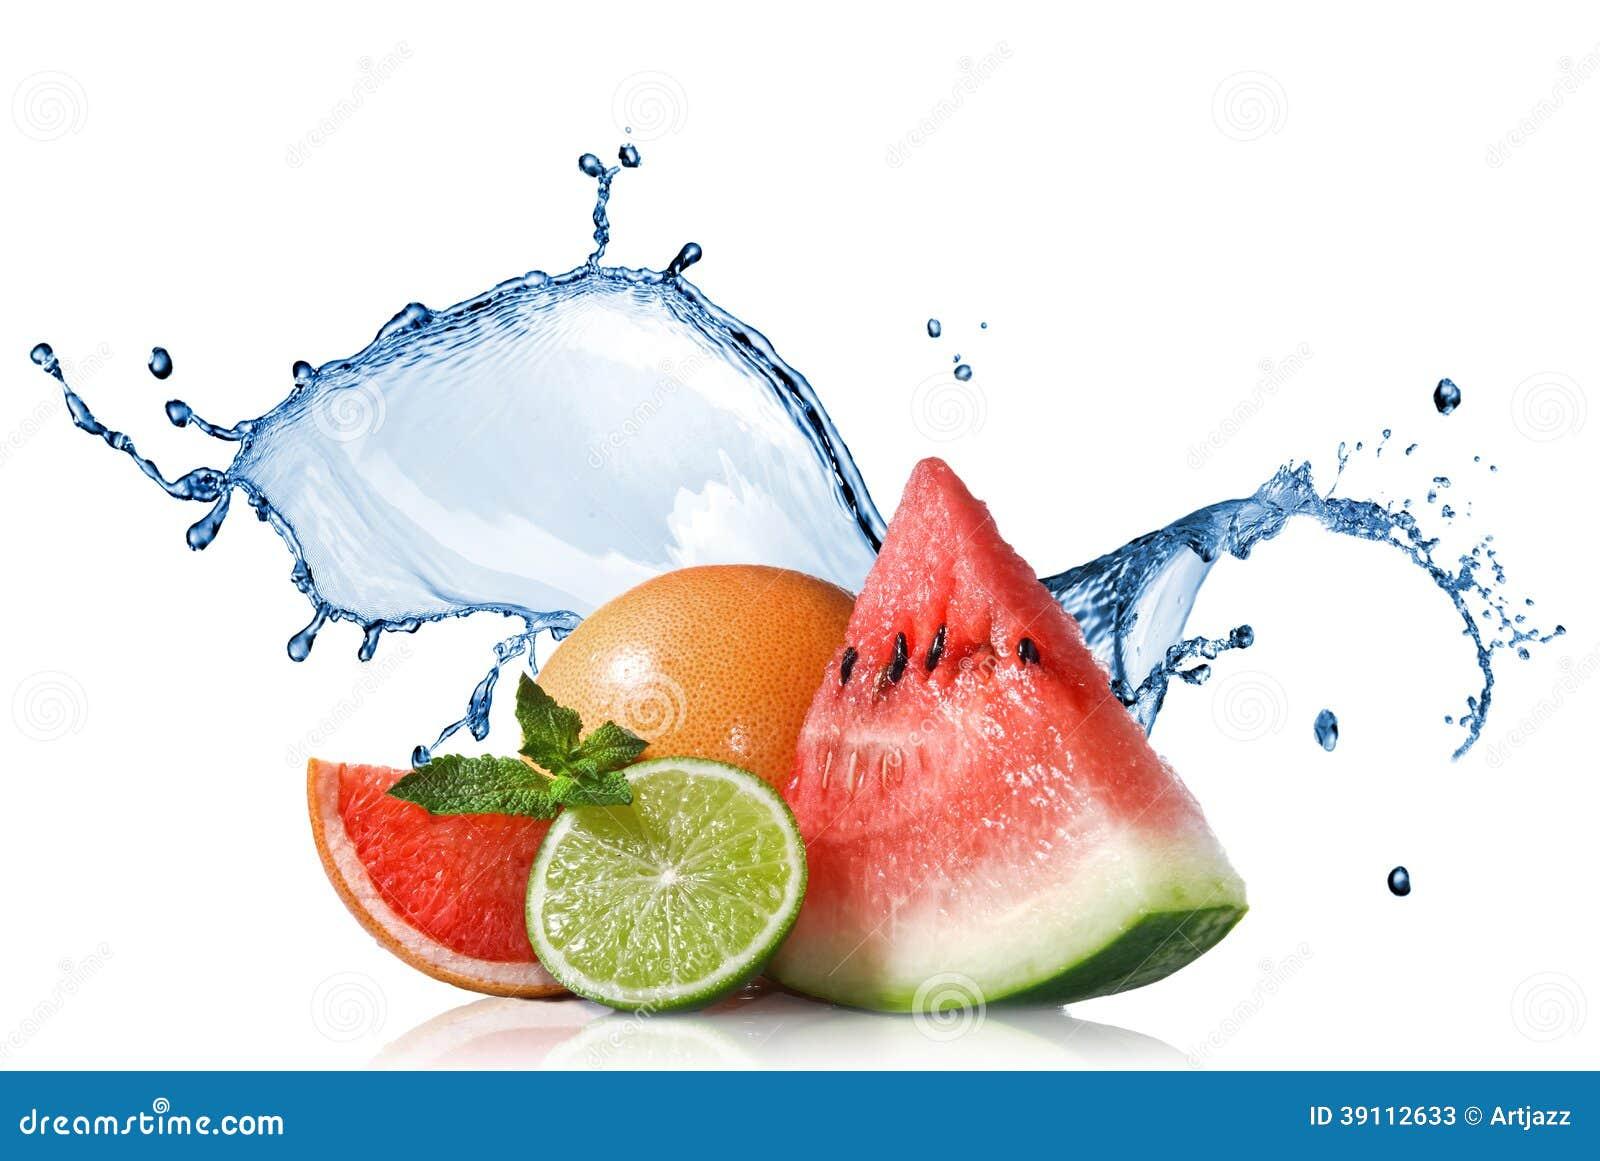 Watermeloen, grapefruit en kalk met munt